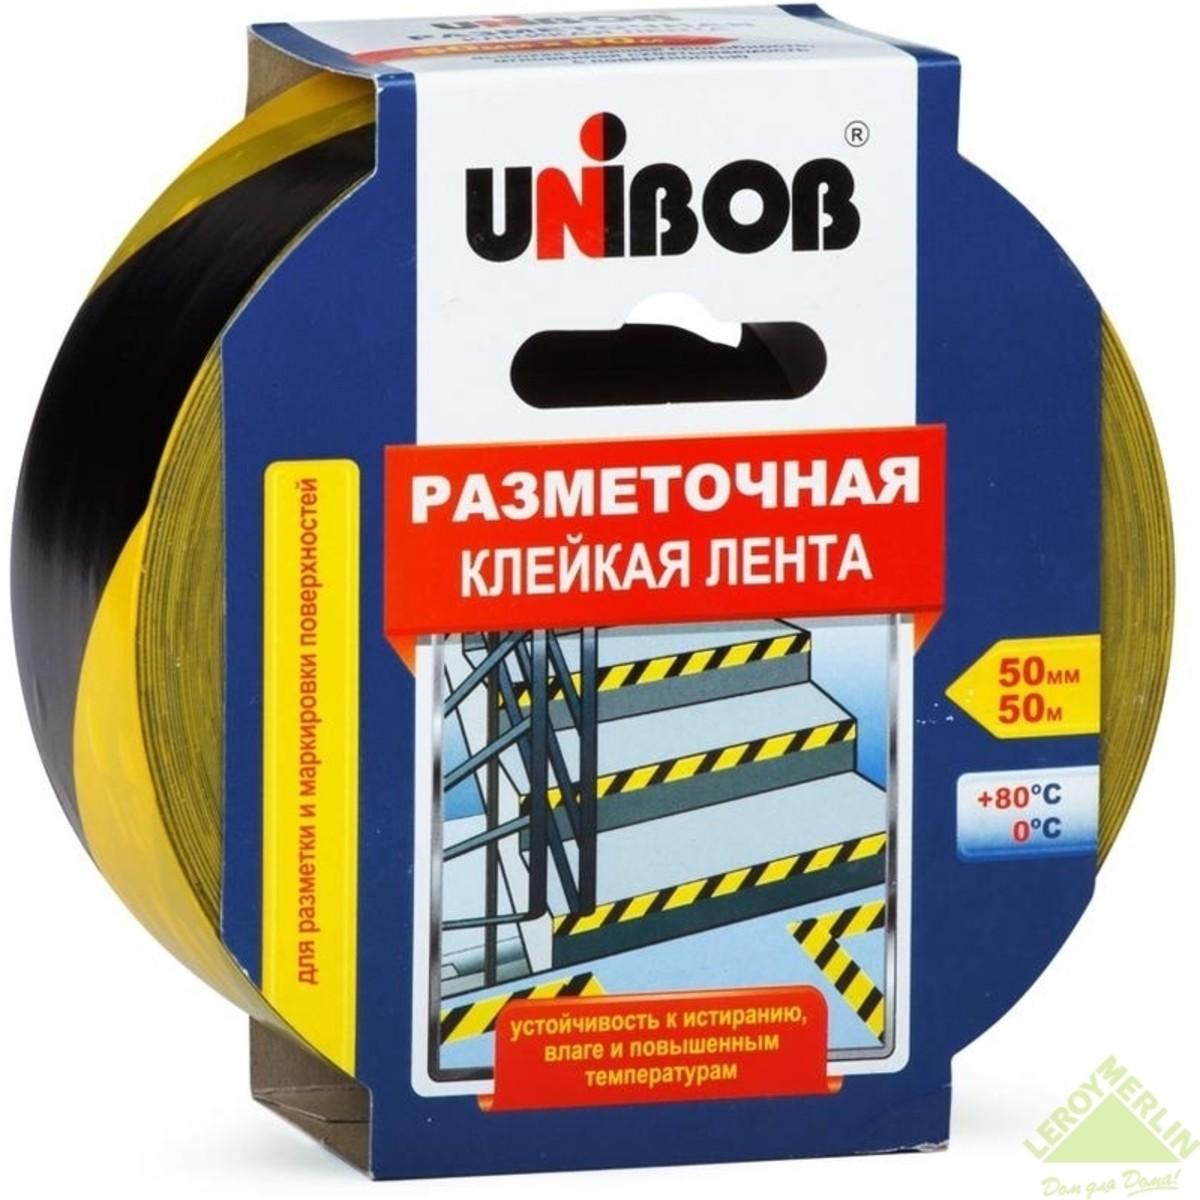 Лента разметочная самоклеющаяся 50 мм x 50 м чёрно-жёлтая